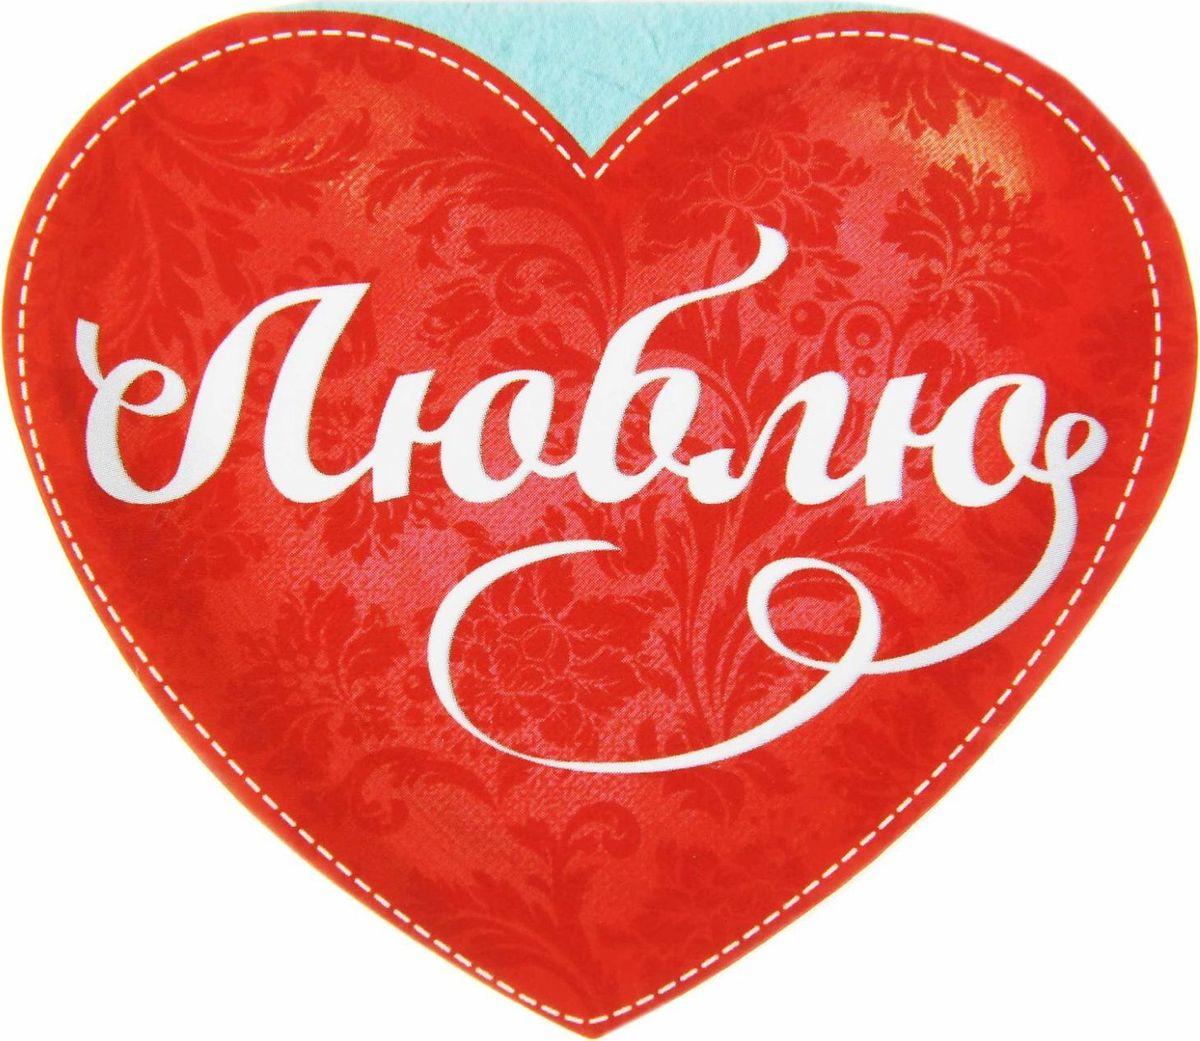 Дню, открытка я тебя люблю 2012 смотреть онлайн